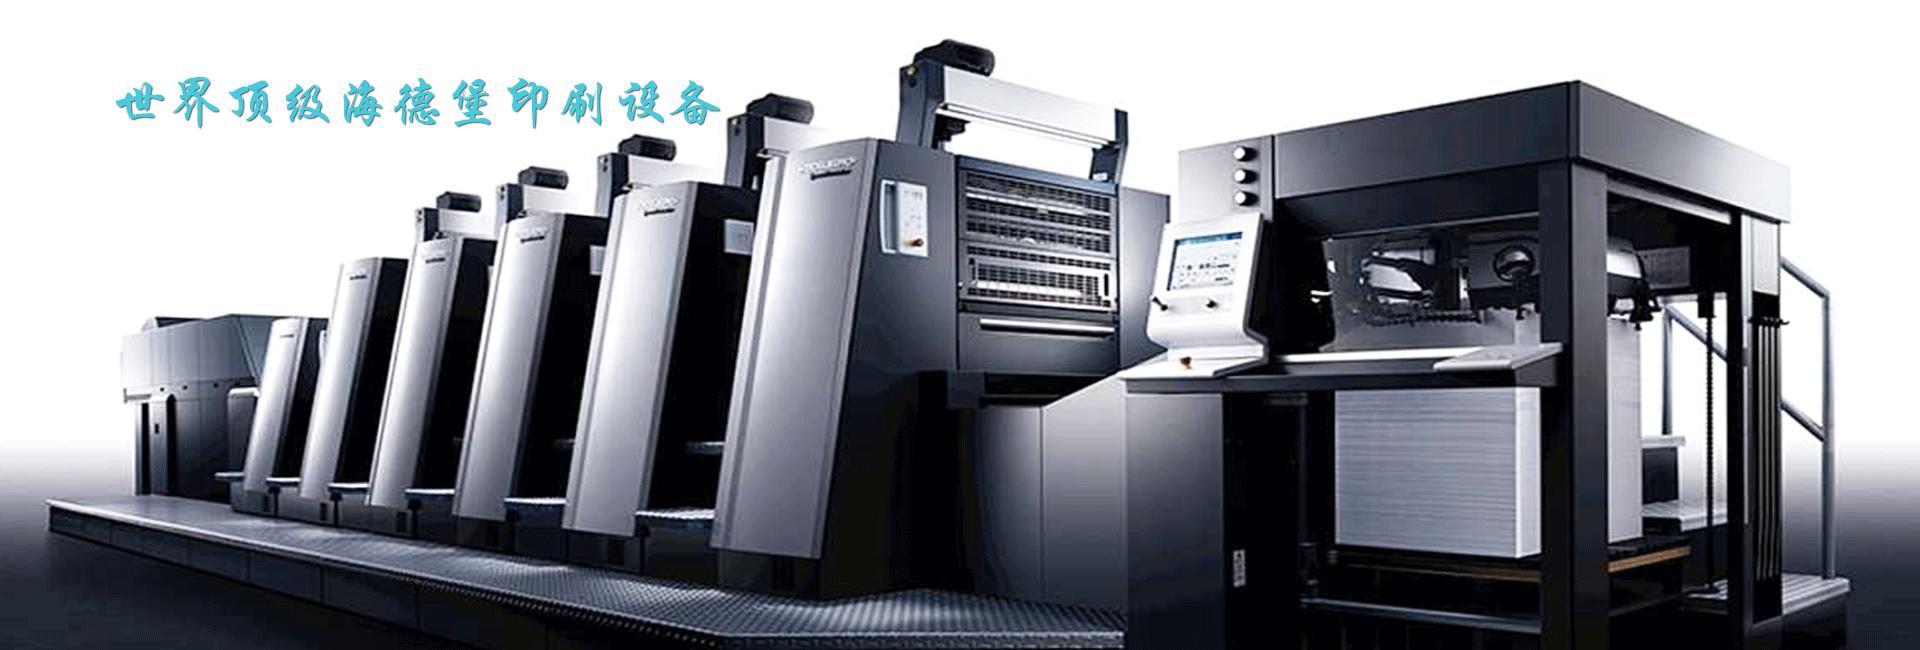 進口海德堡印刷設備